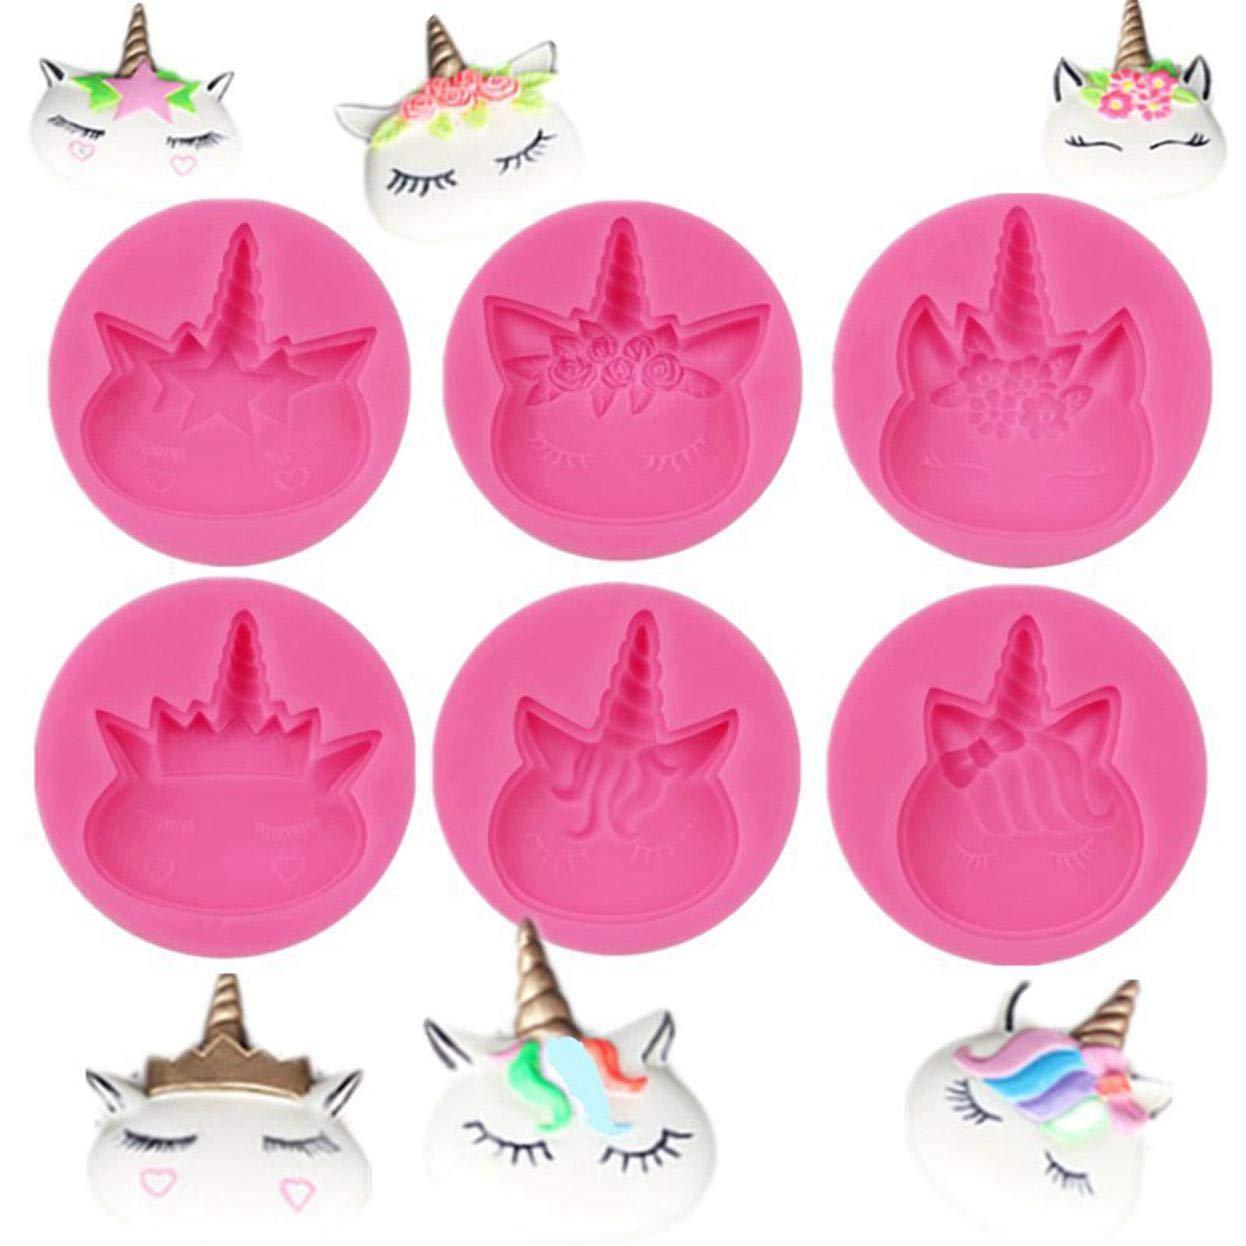 Style03 FUdeza con Estilo 3D Unicornio Silicona Fondant Molde Pastel Cabeza Animal Cuerno Flor Horneado Glaseado Molde para Decoraci/ón Hogar